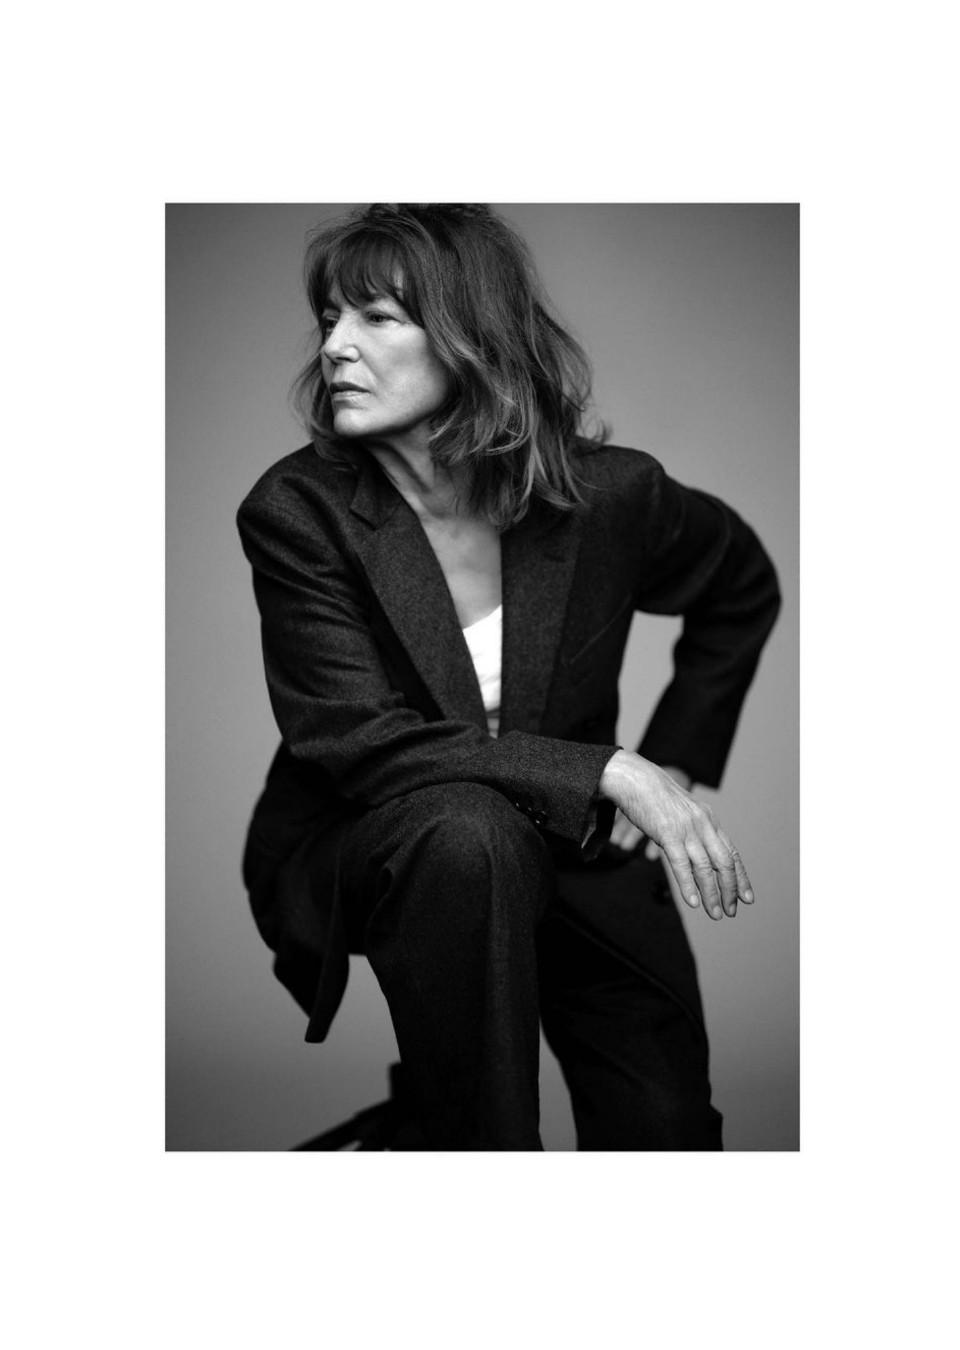 SAFE MGMT Management Paris - Jane Birkin